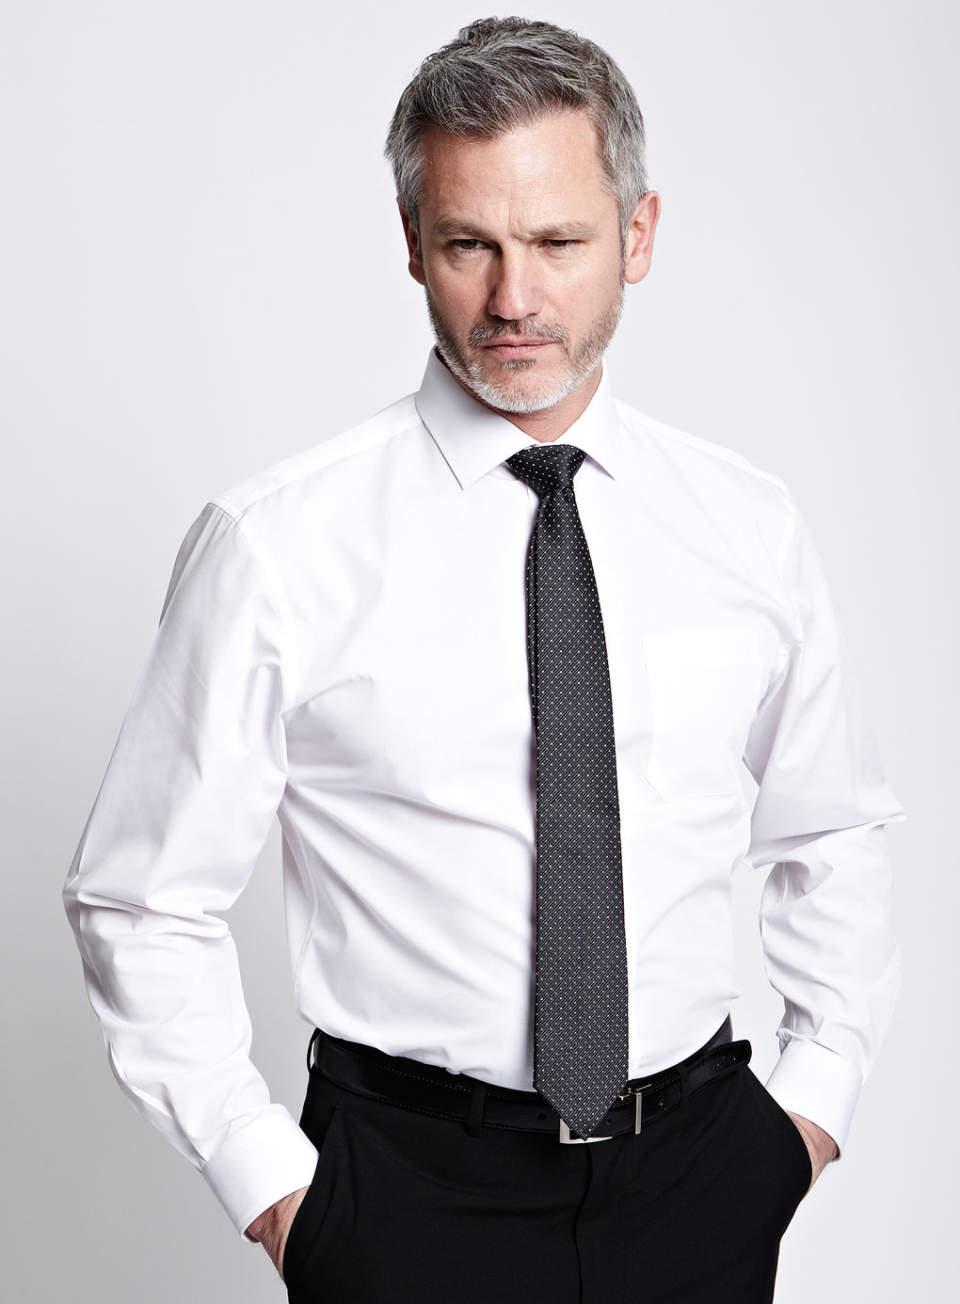 ワイシャツは生地×機能性で。ワイシャツの選び方を変えればこだわりの一着が見つかります 2番目の画像